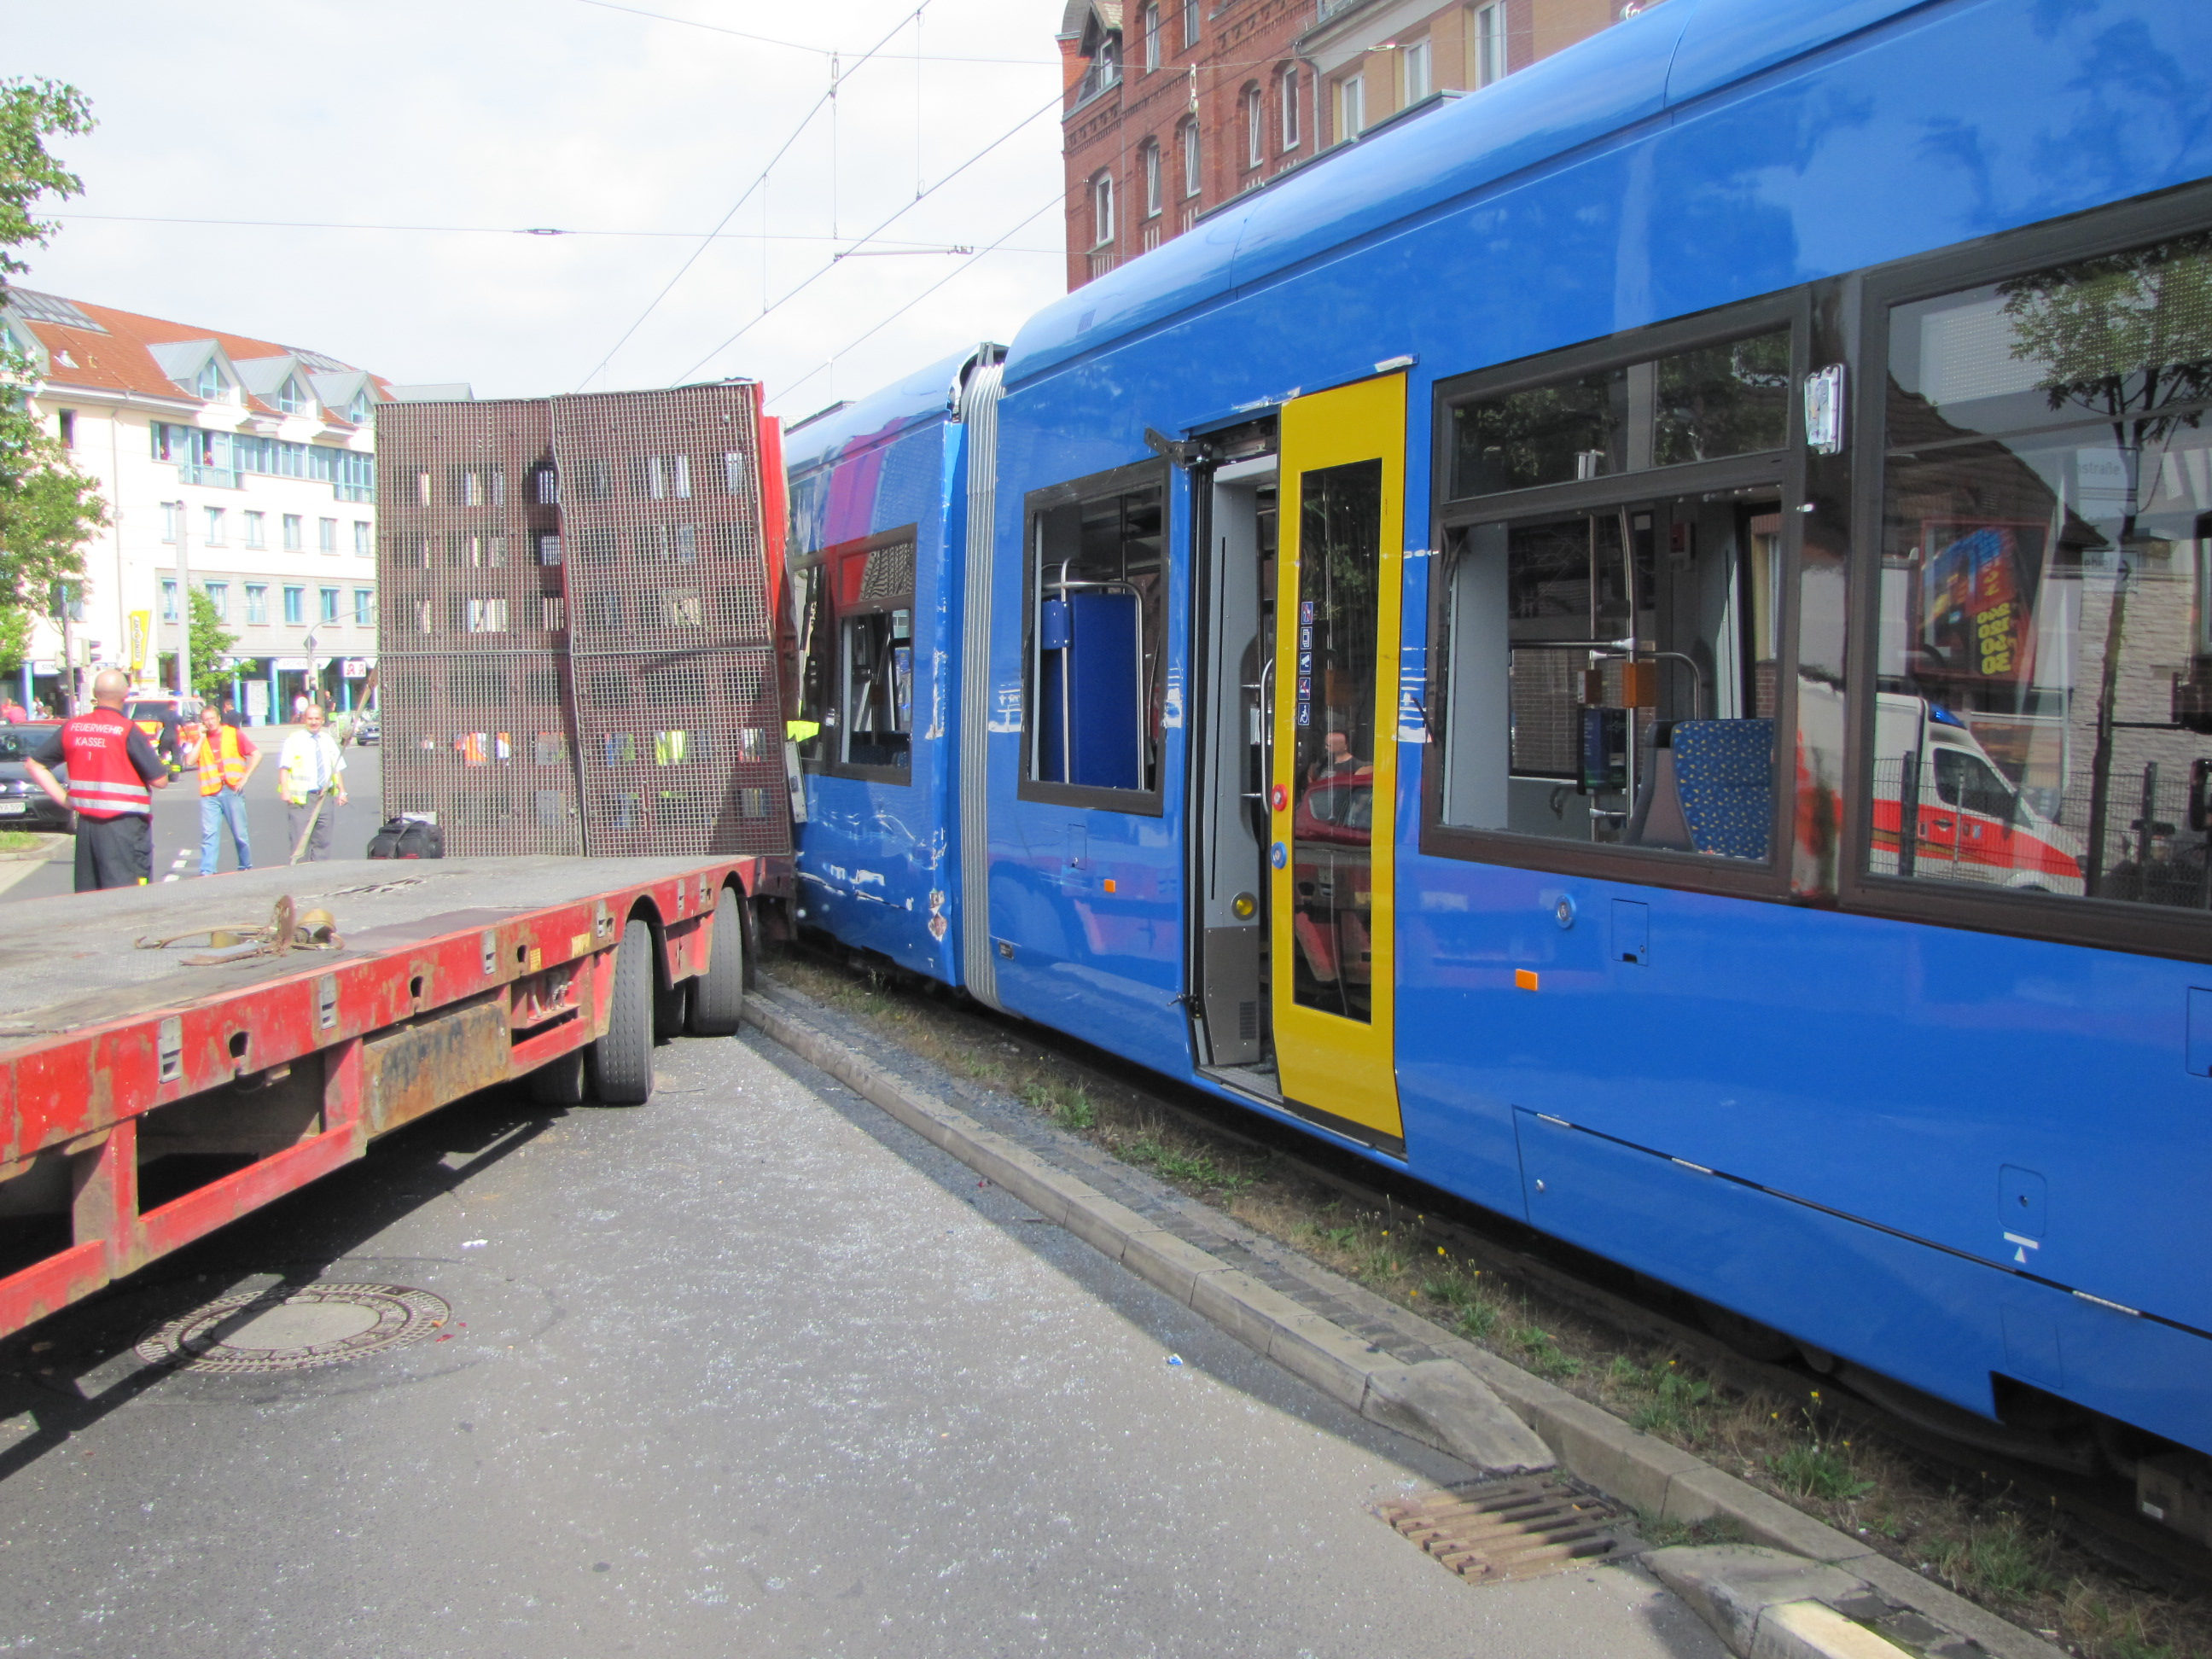 Lwk-Heck schwenkt beim Abbiegen aus und kollidiert mit vorbeifahrender Straßenbahn